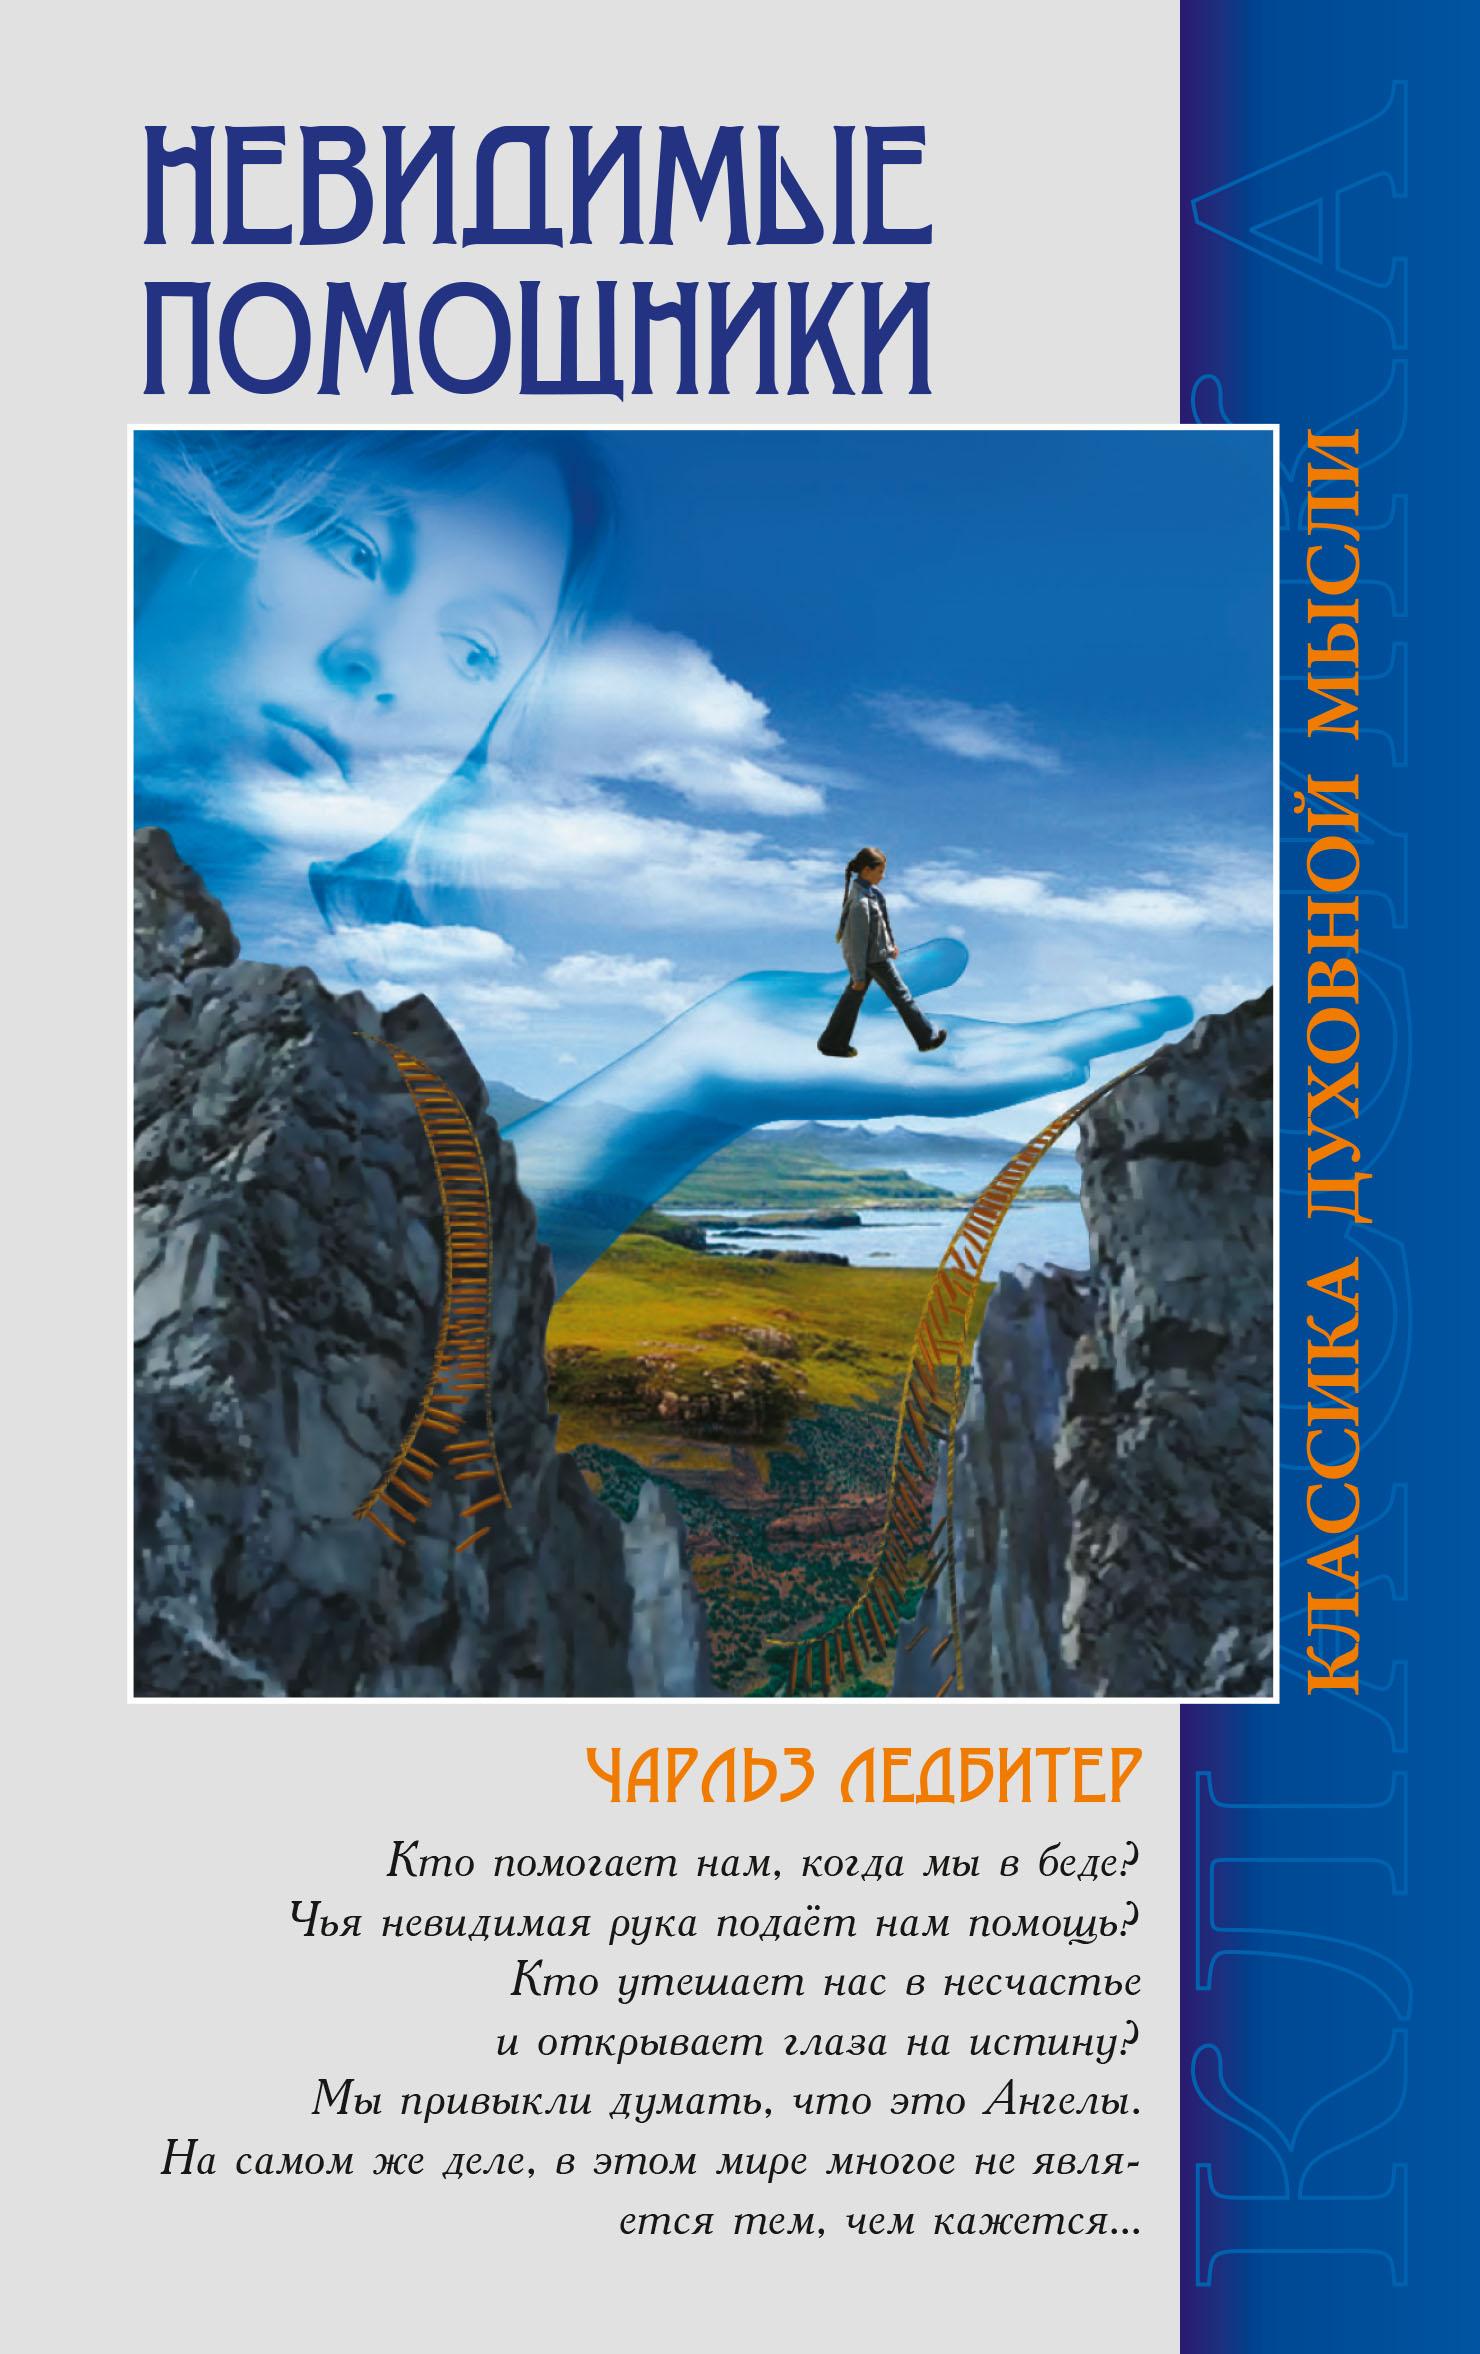 Невидимые помощники. 5-е изд.